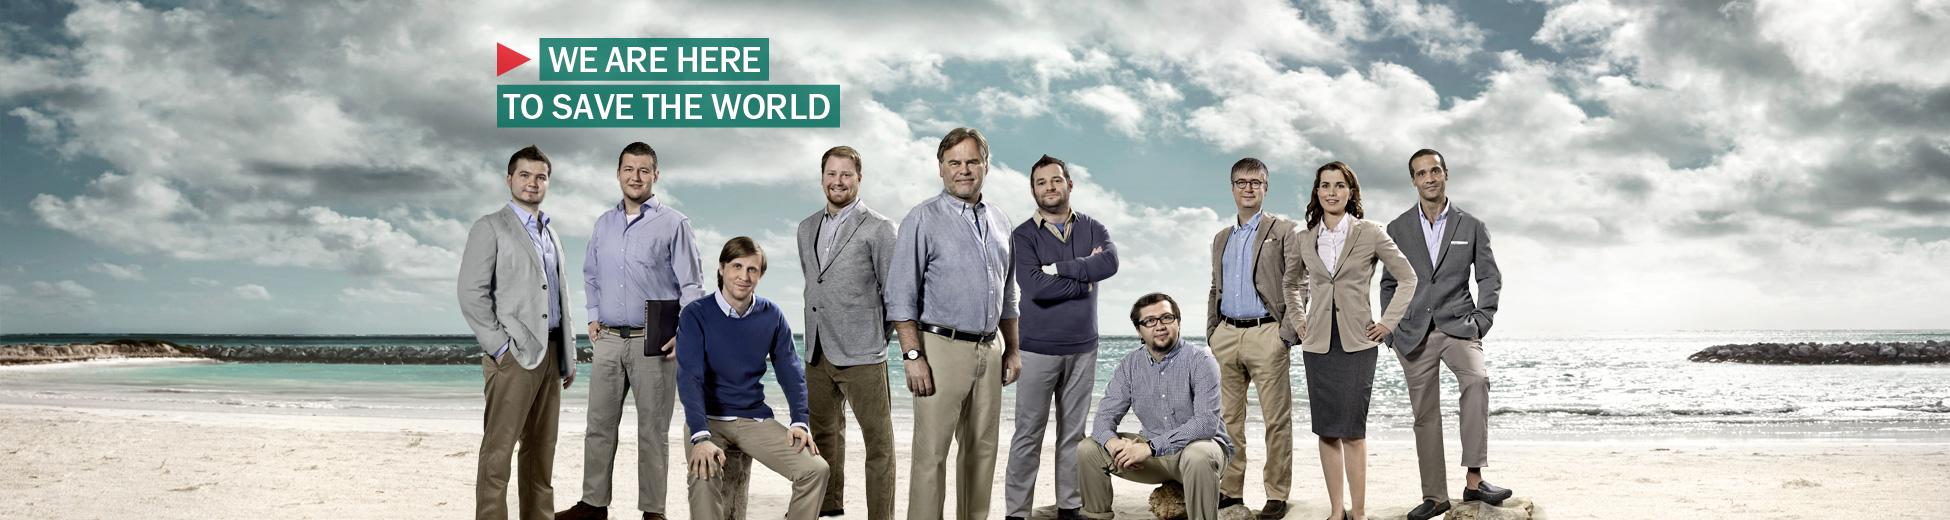 Ein Team im Businesslook am Strand verspricht Heldentaten